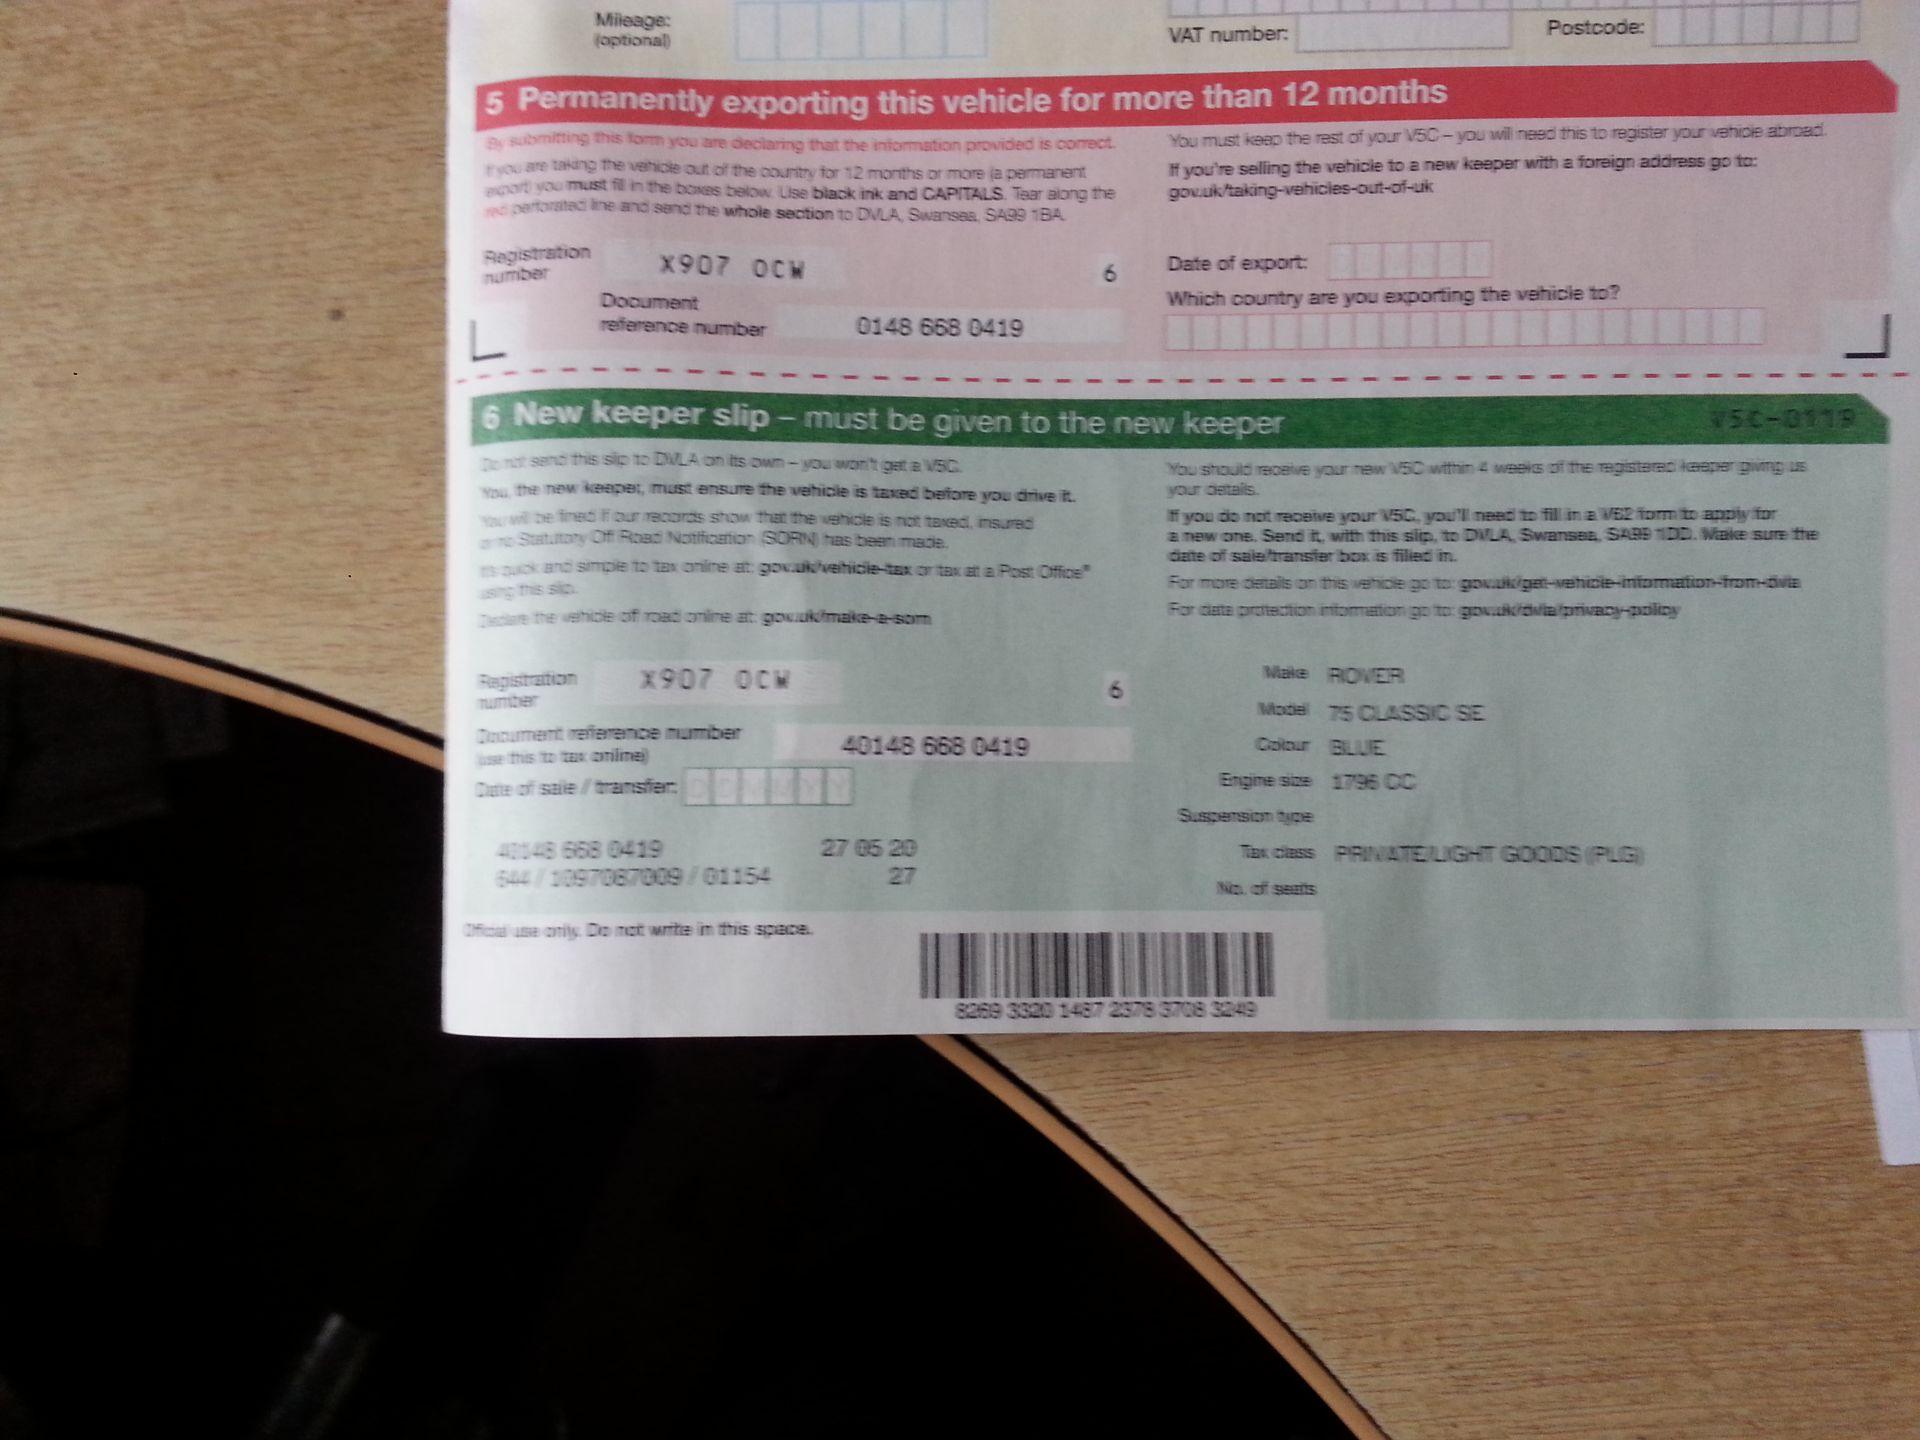 Lot 217 - 2000/X REG ROVER 75 CLASSIC SE 1.8 PETROL BLUE 4 DOOR SALOON *NO VAT*